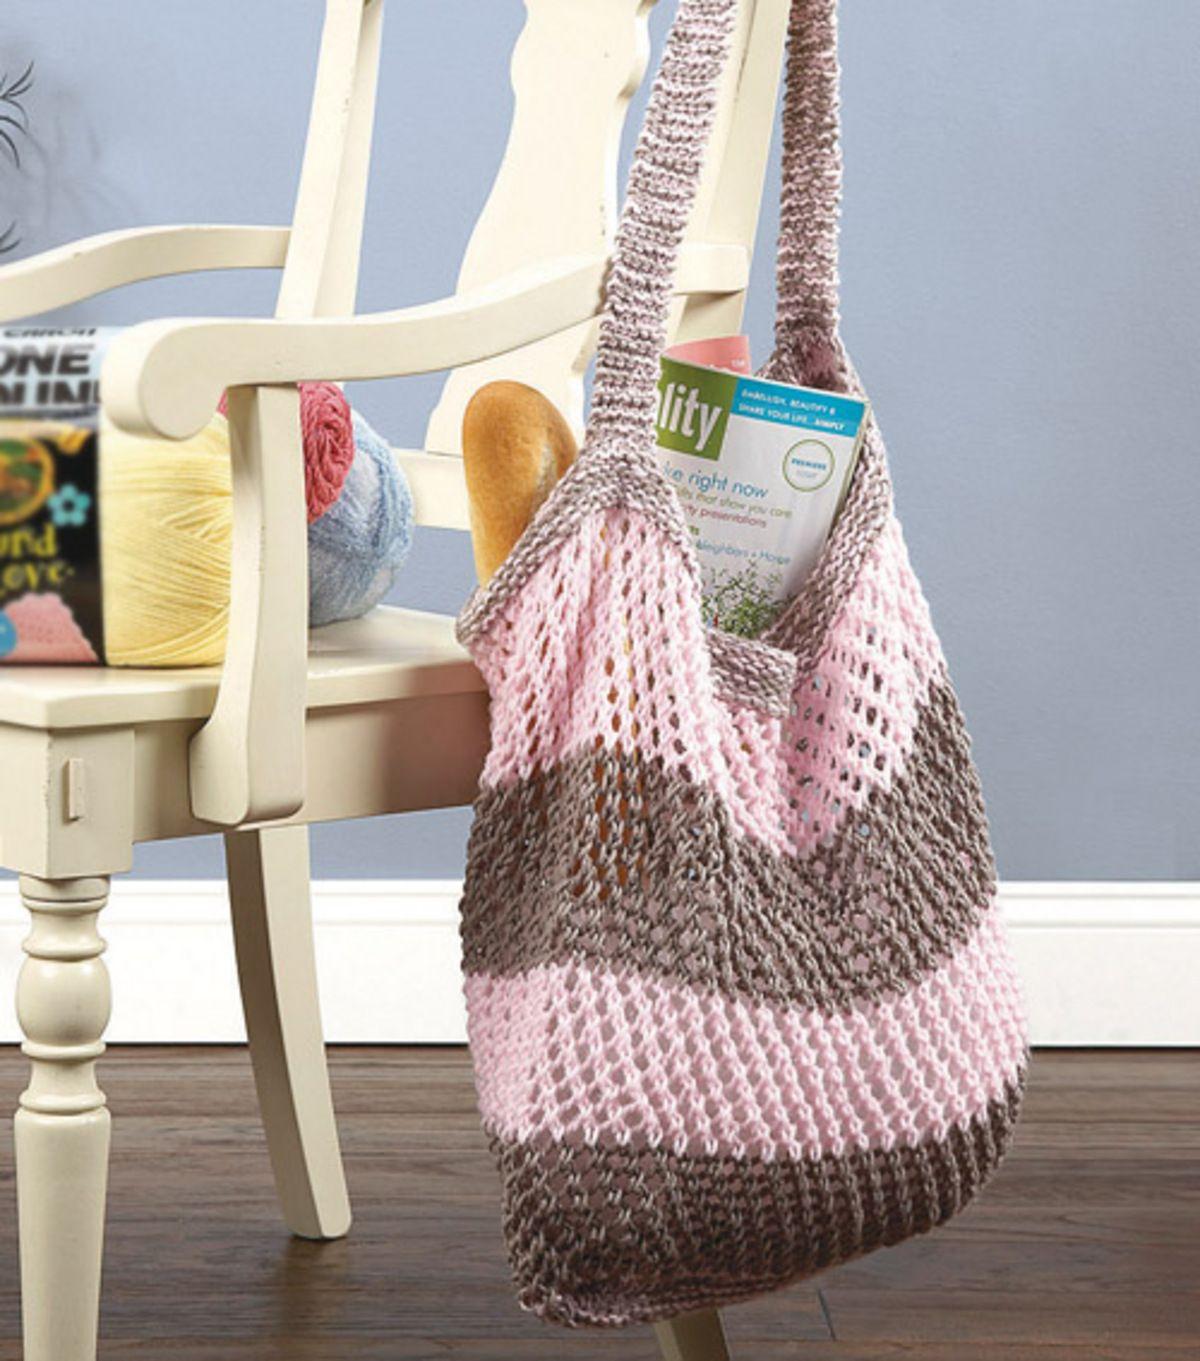 Knitted Market Bag | Knitting | Pinterest | Joann fabrics, Loom ...